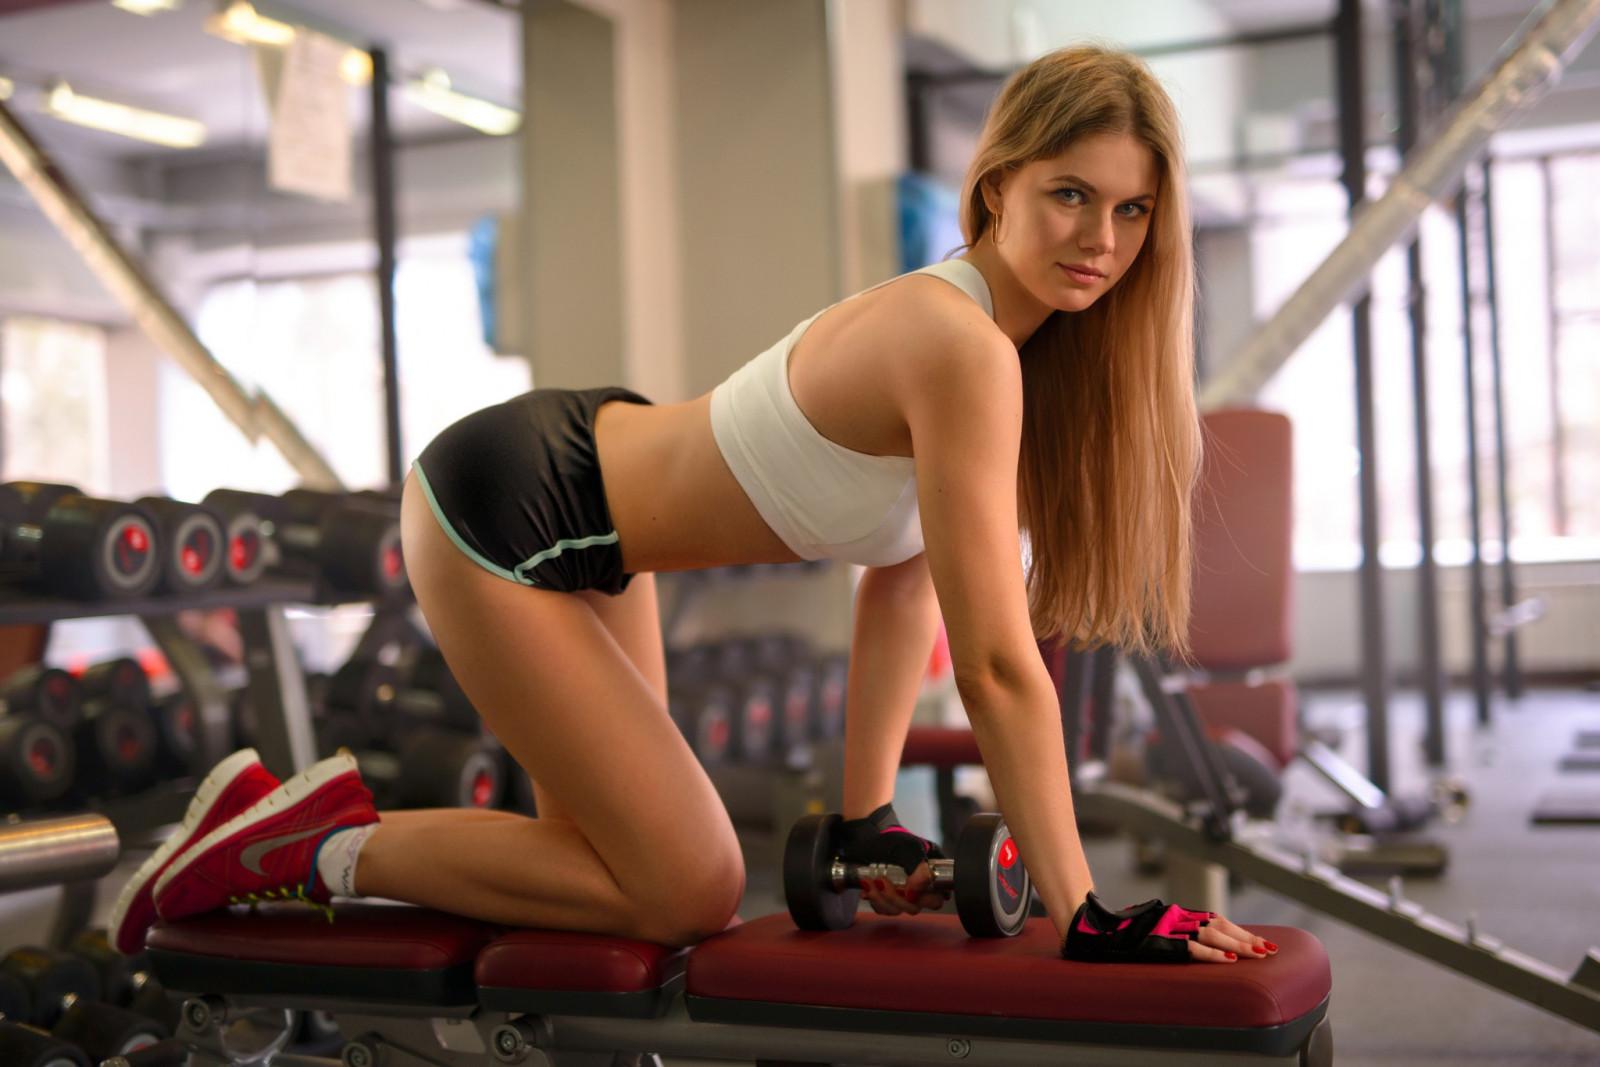 видео девушки и спорт специальный